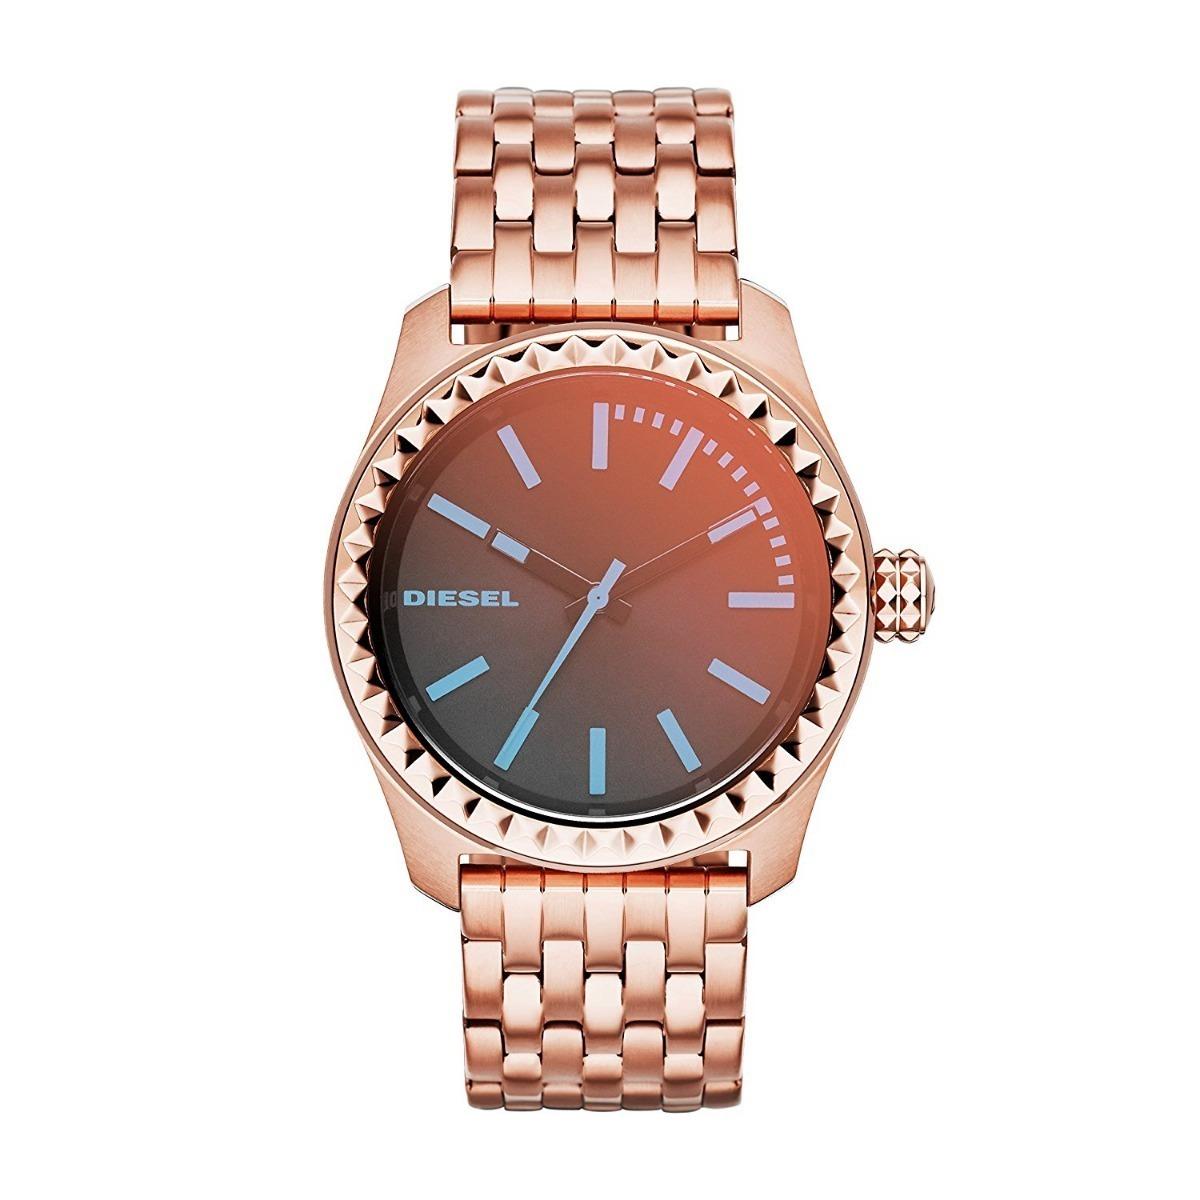 845239c03a13 reloj diesel para mujer color rose dorado. Cargando zoom.